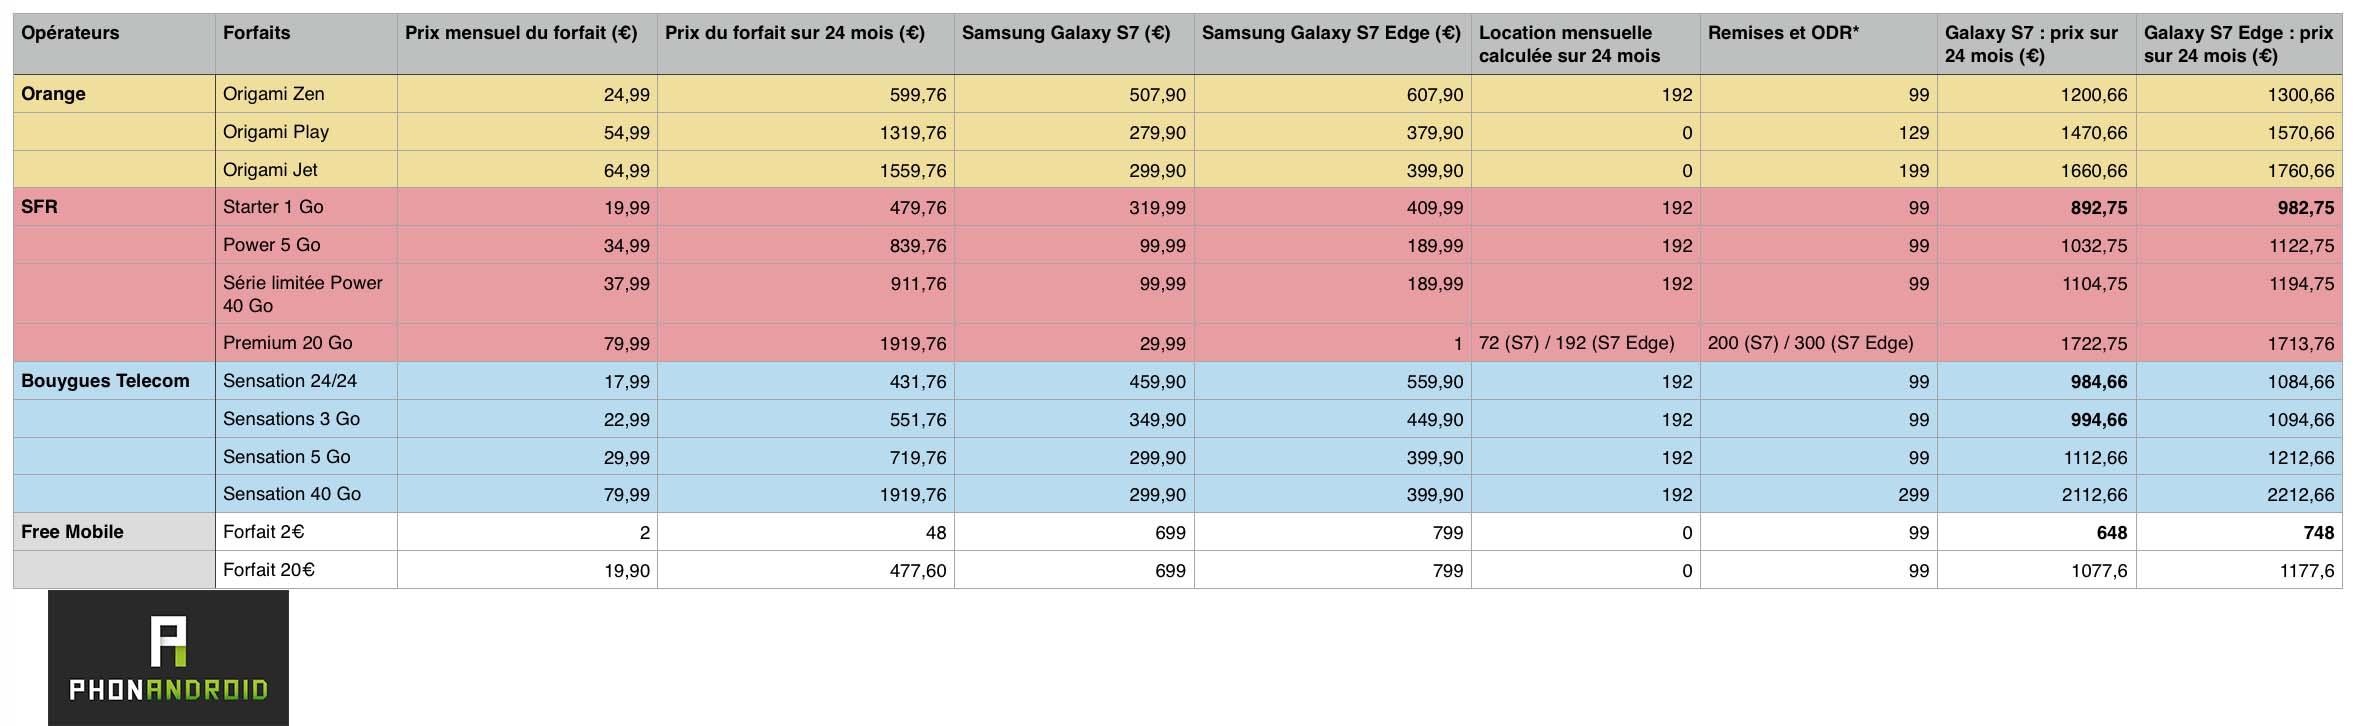 galaxy s7 et s7 edge les prix avec forfait chez orange sfr bouygues telecom et free mobile